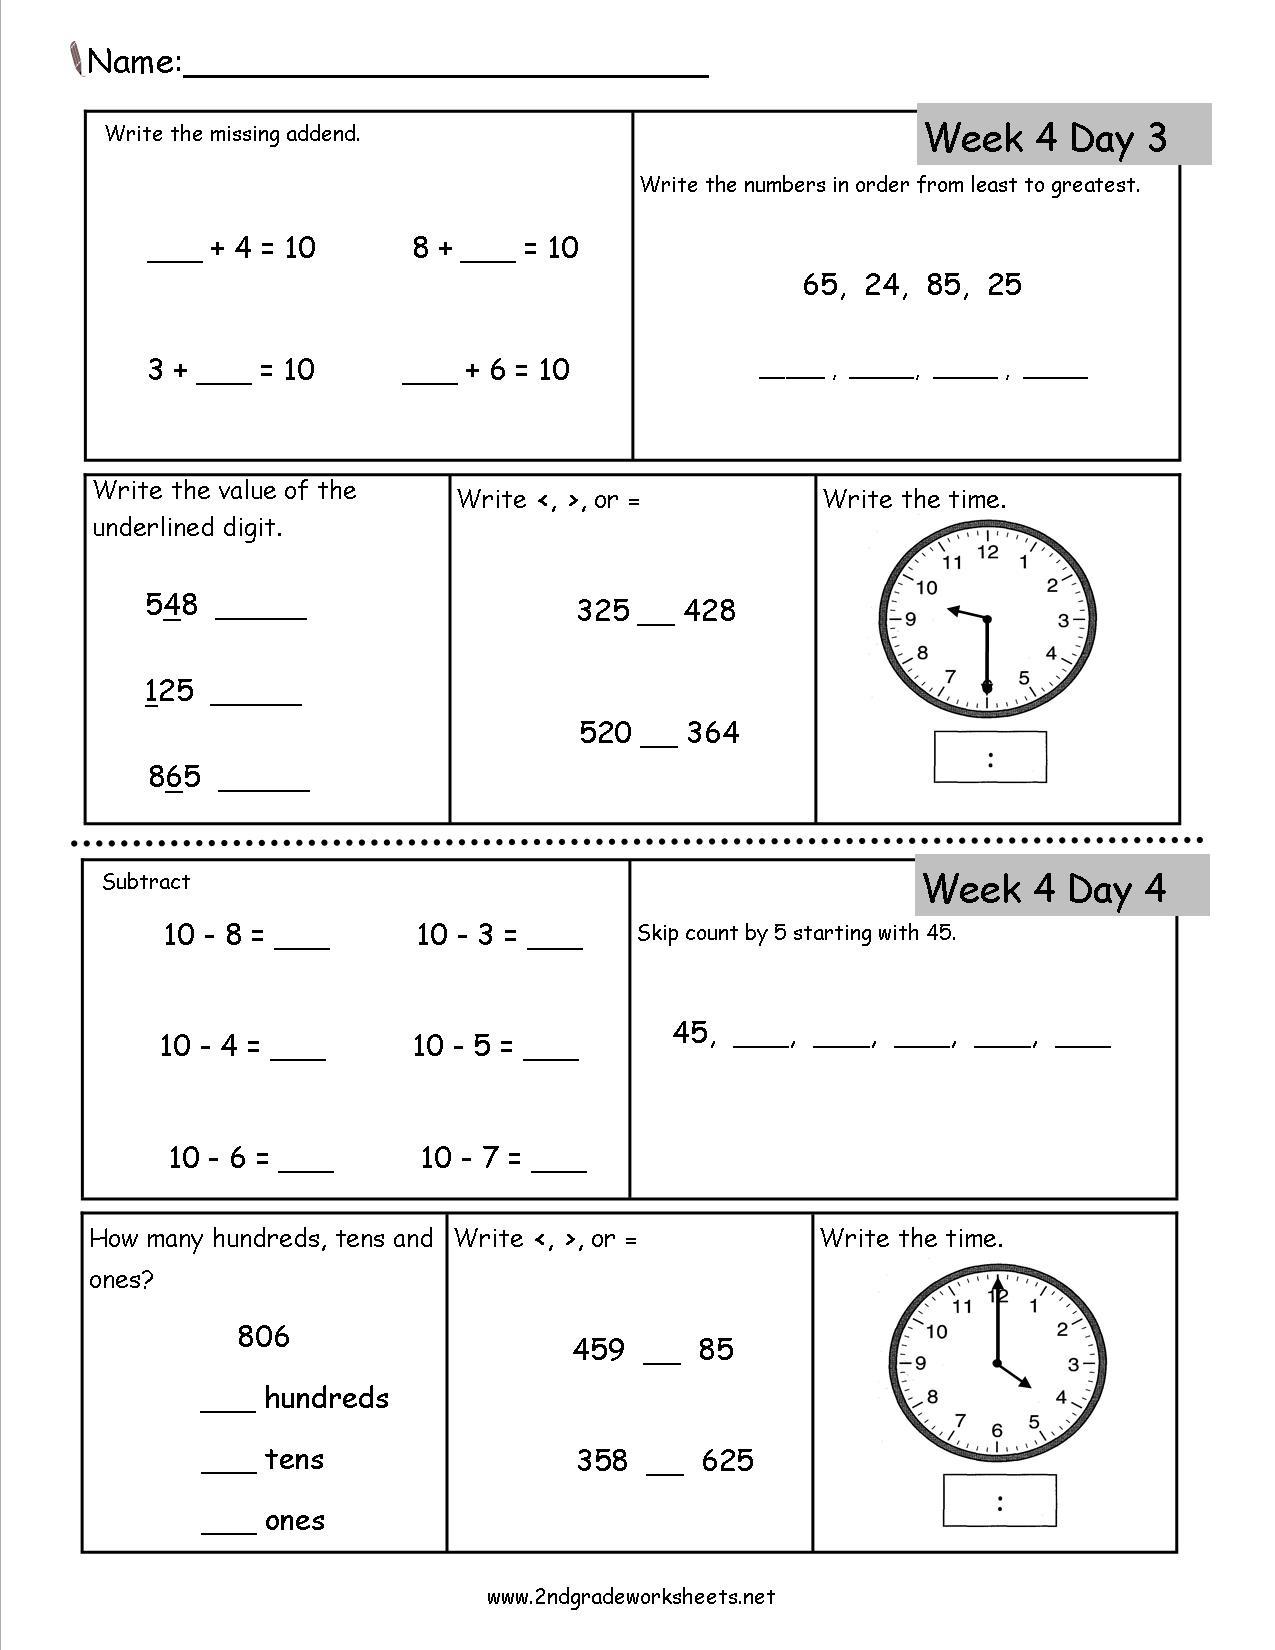 Free 2Nd Grade Daily Math Worksheets - Free Printable Daily Math Warm Ups